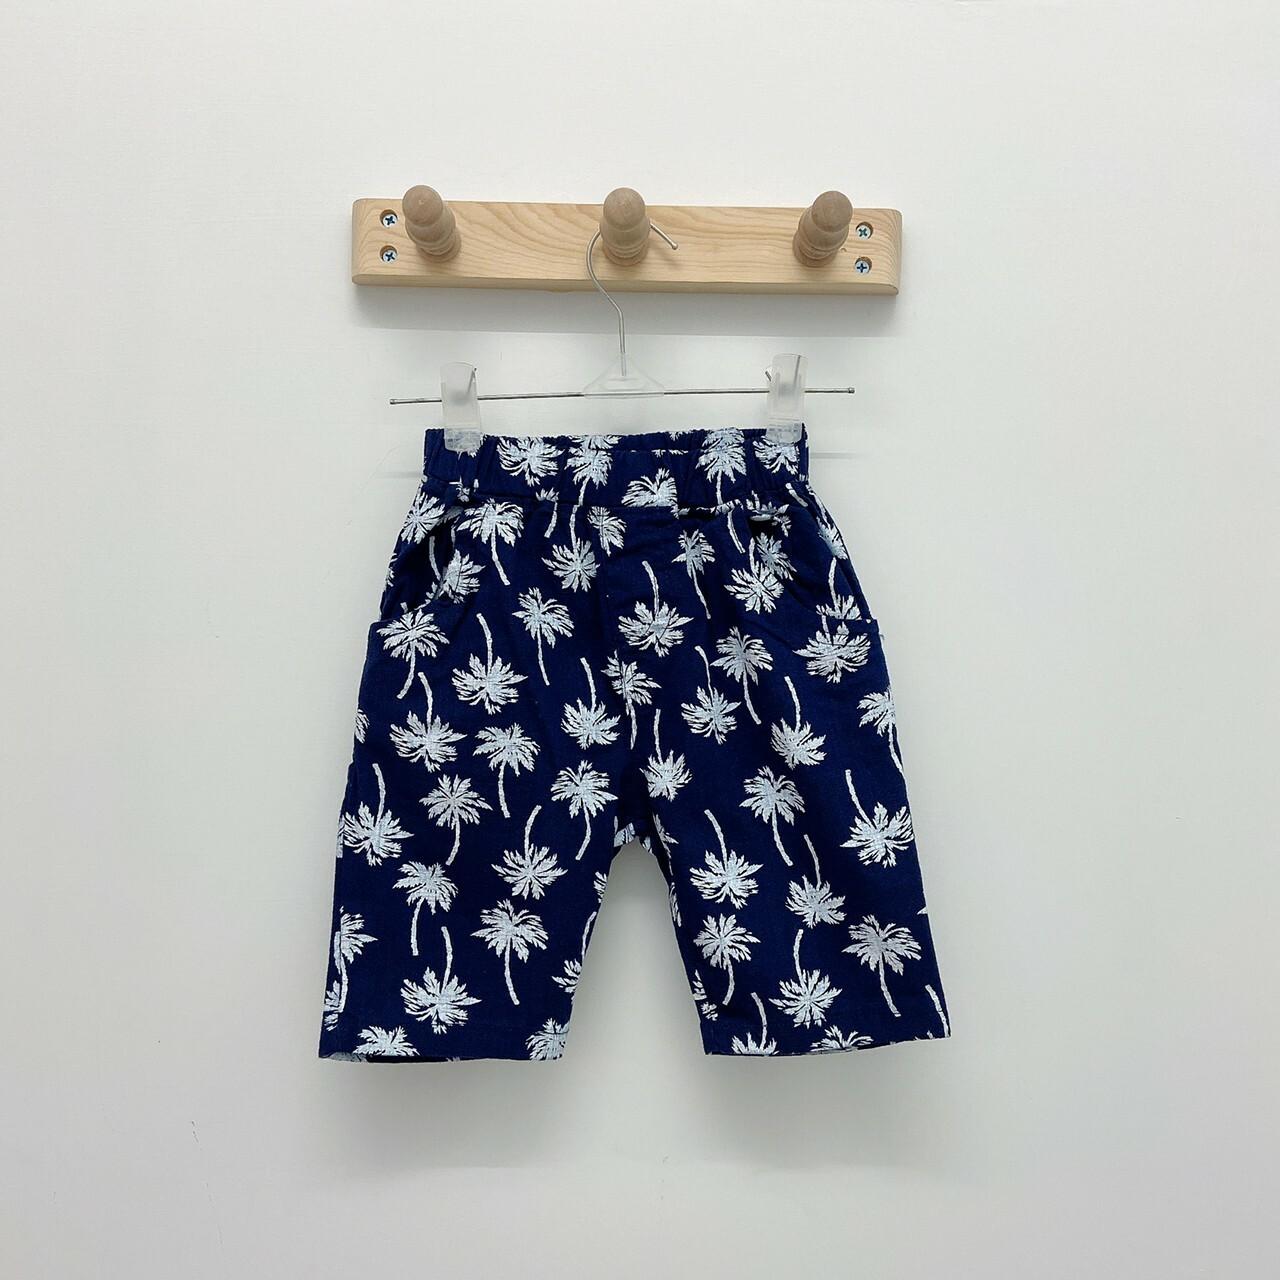 褲裙短 五~七分褲_210803_20.jpg